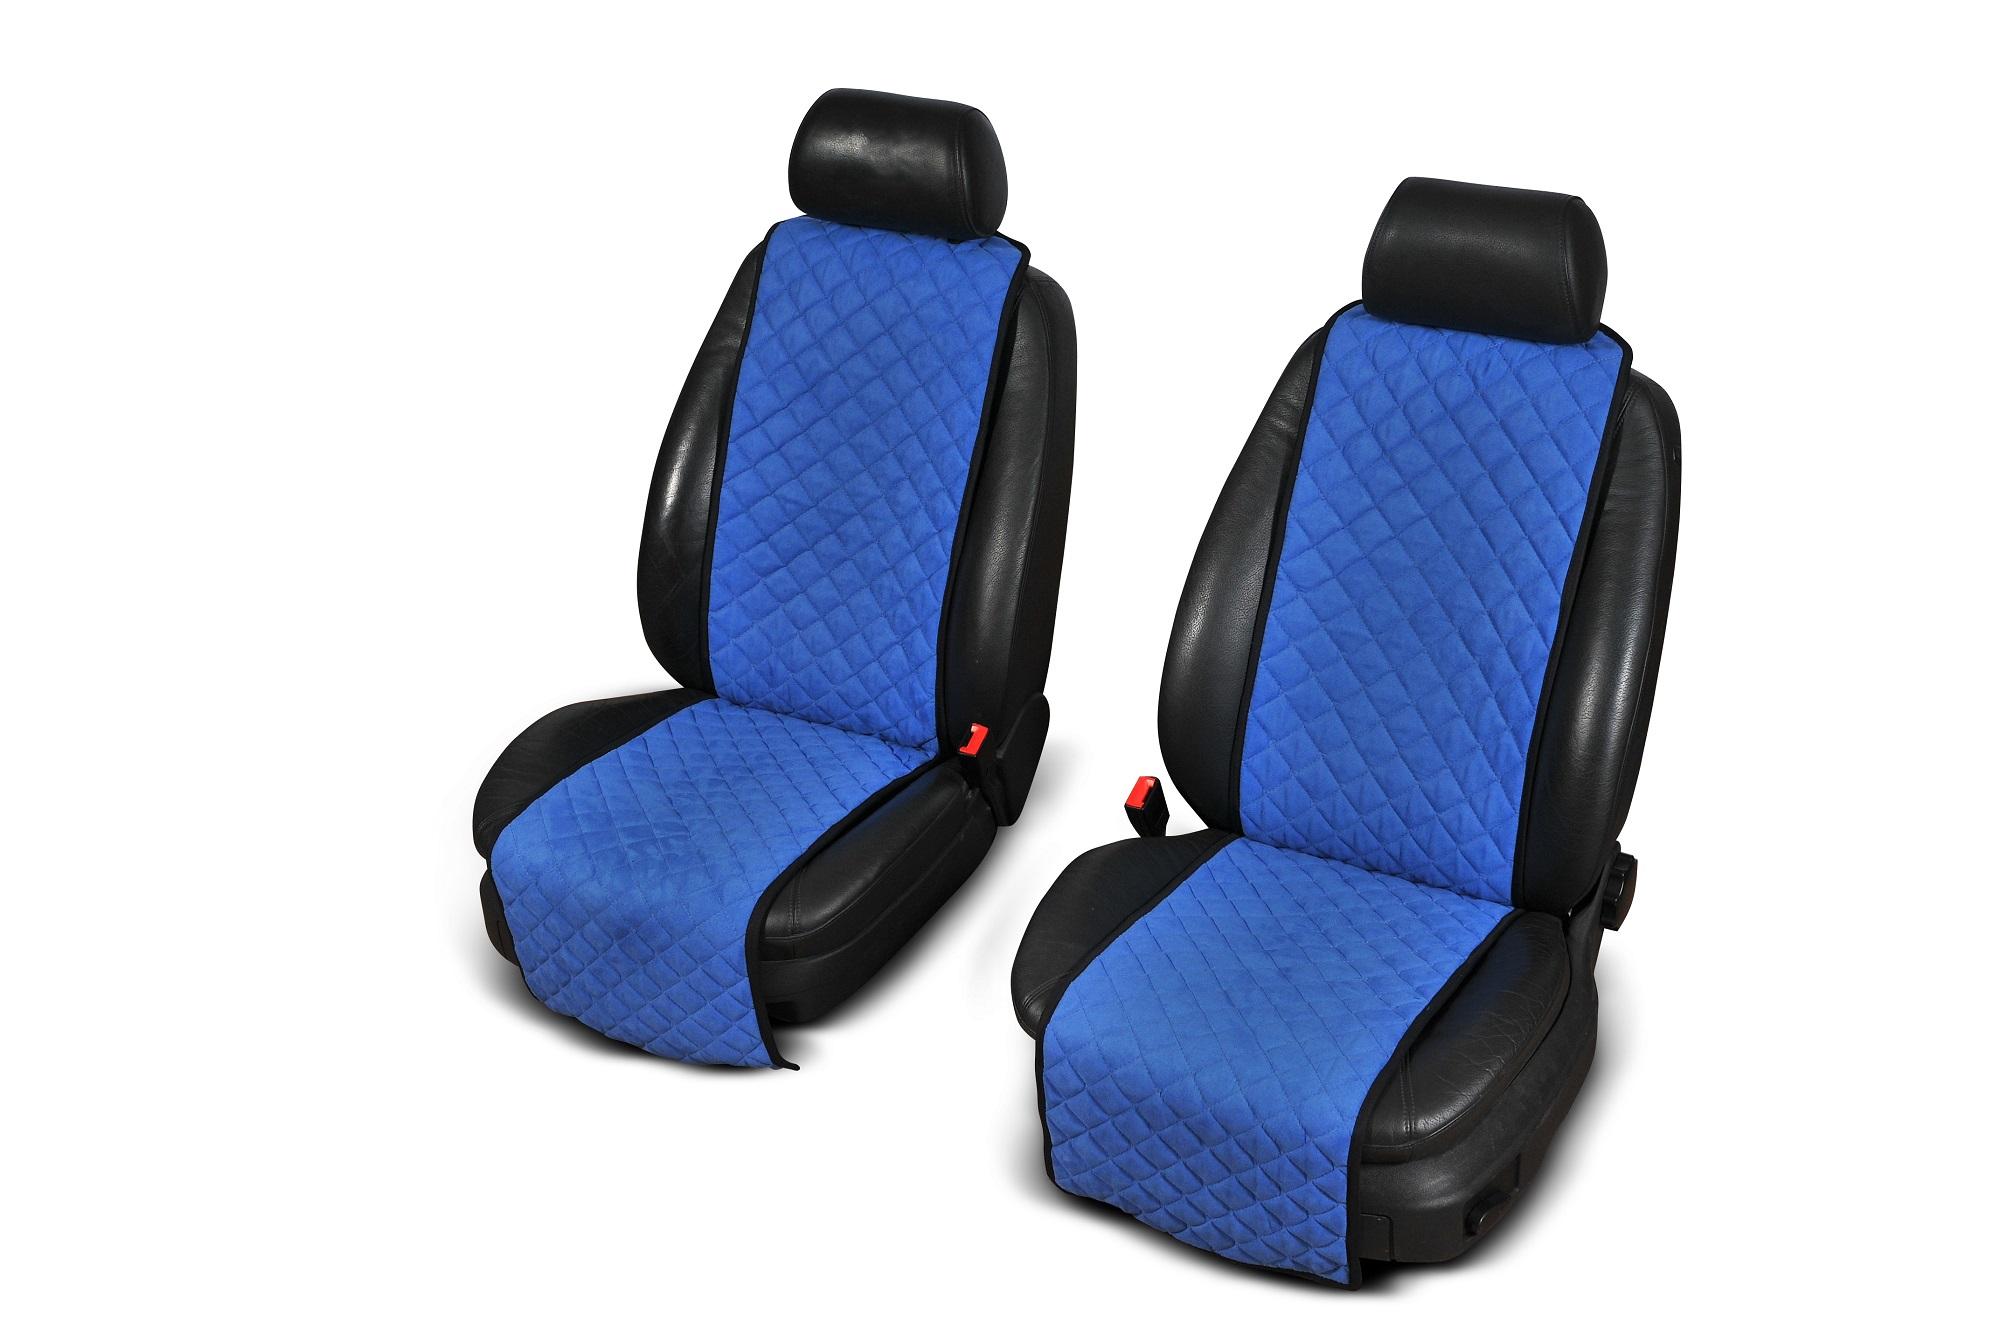 Autopotahy Cantra - Standardní. 2x autopotahy na přední sedadla Barva: Světle hnědá